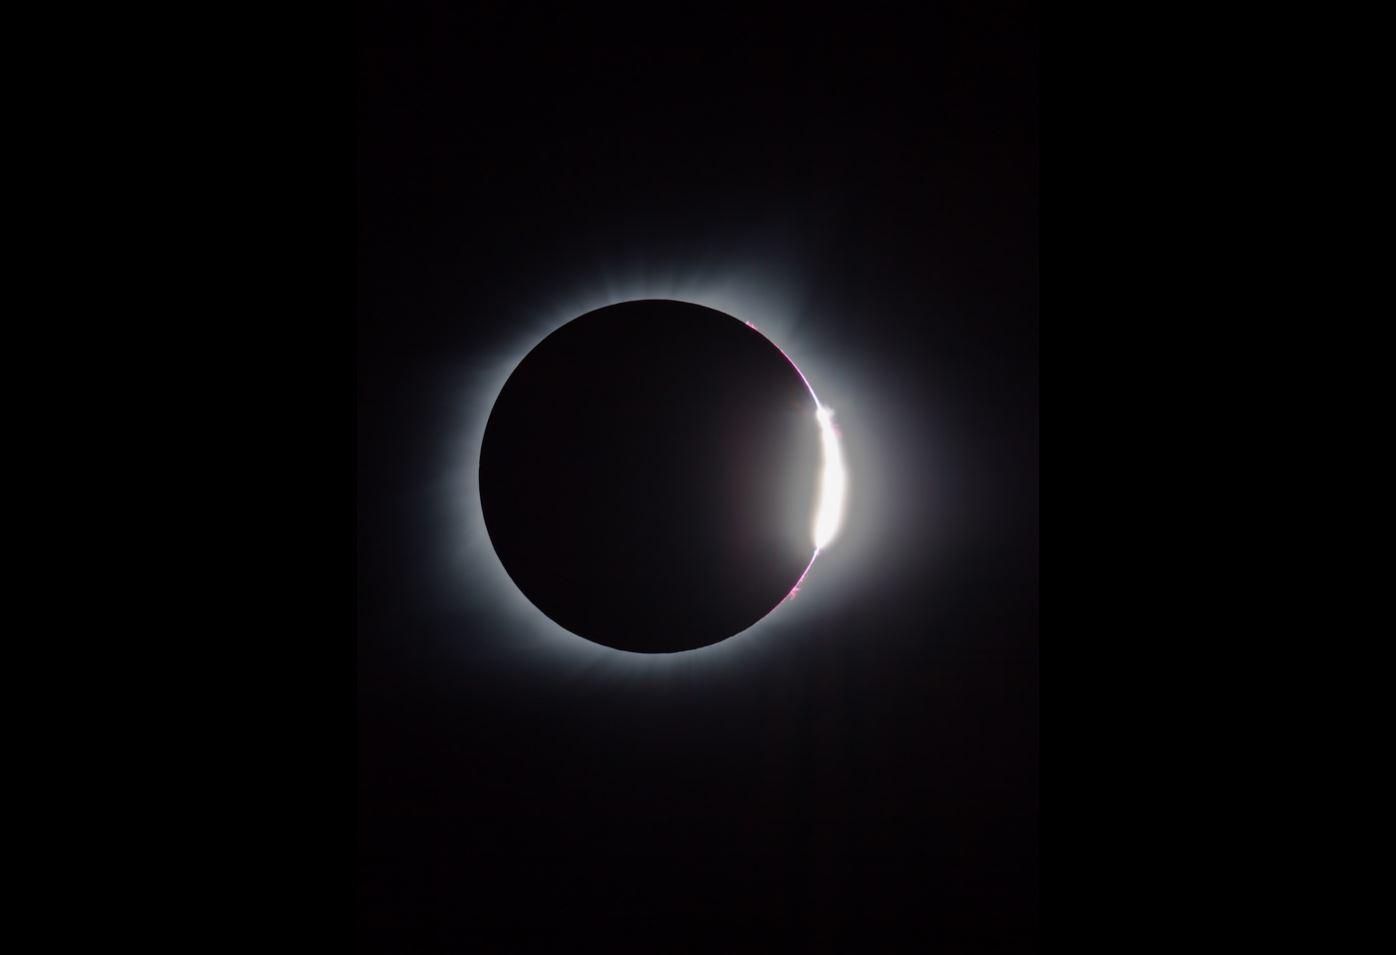 Knox Worde Diamond Ring with corona